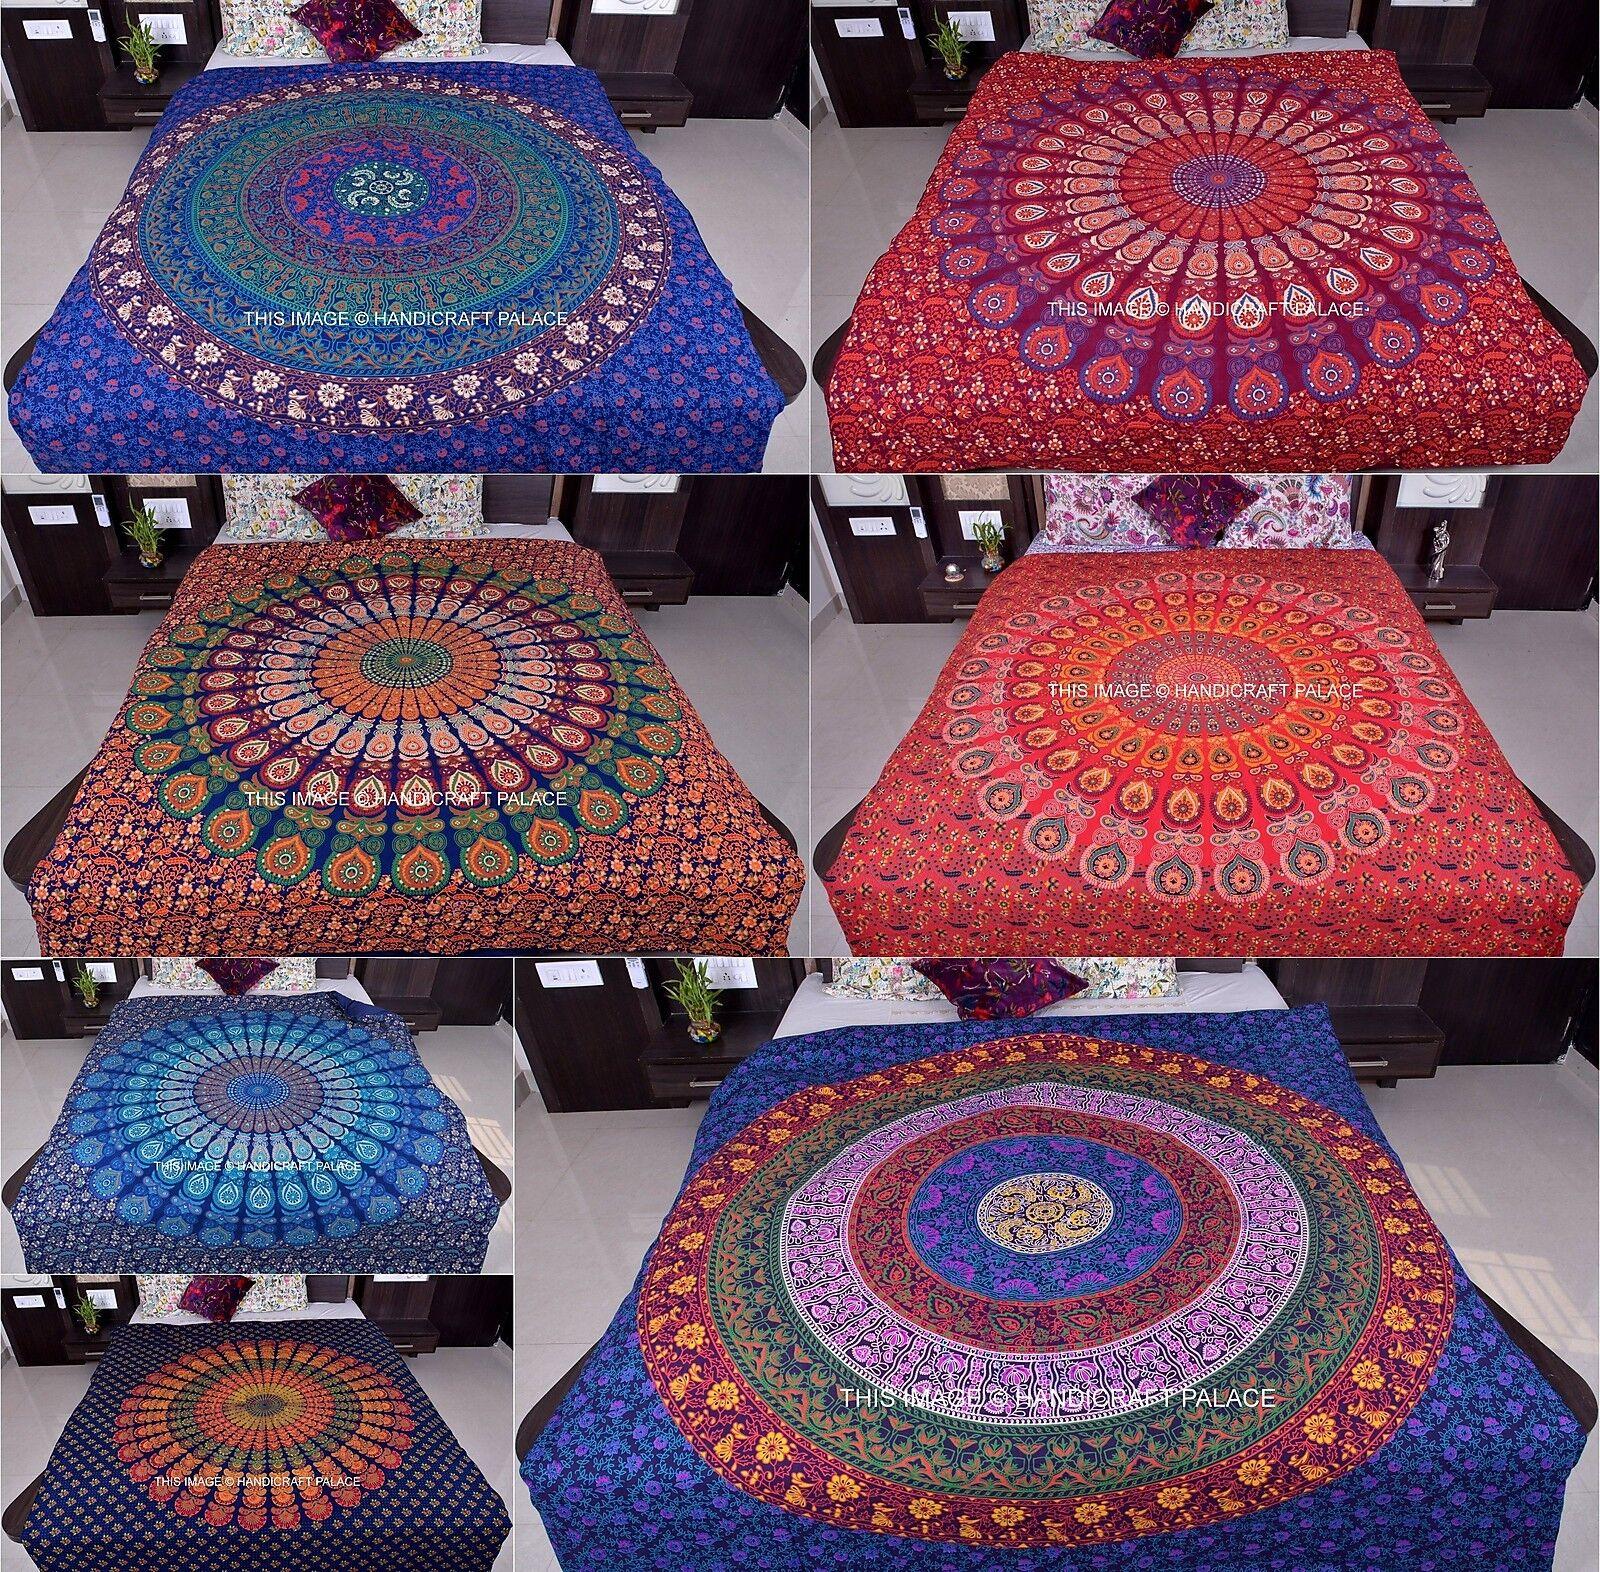 Indian Cotton Mandala Wholesale Lot 5 Pc Duvet Cover Reversible Comforter Case